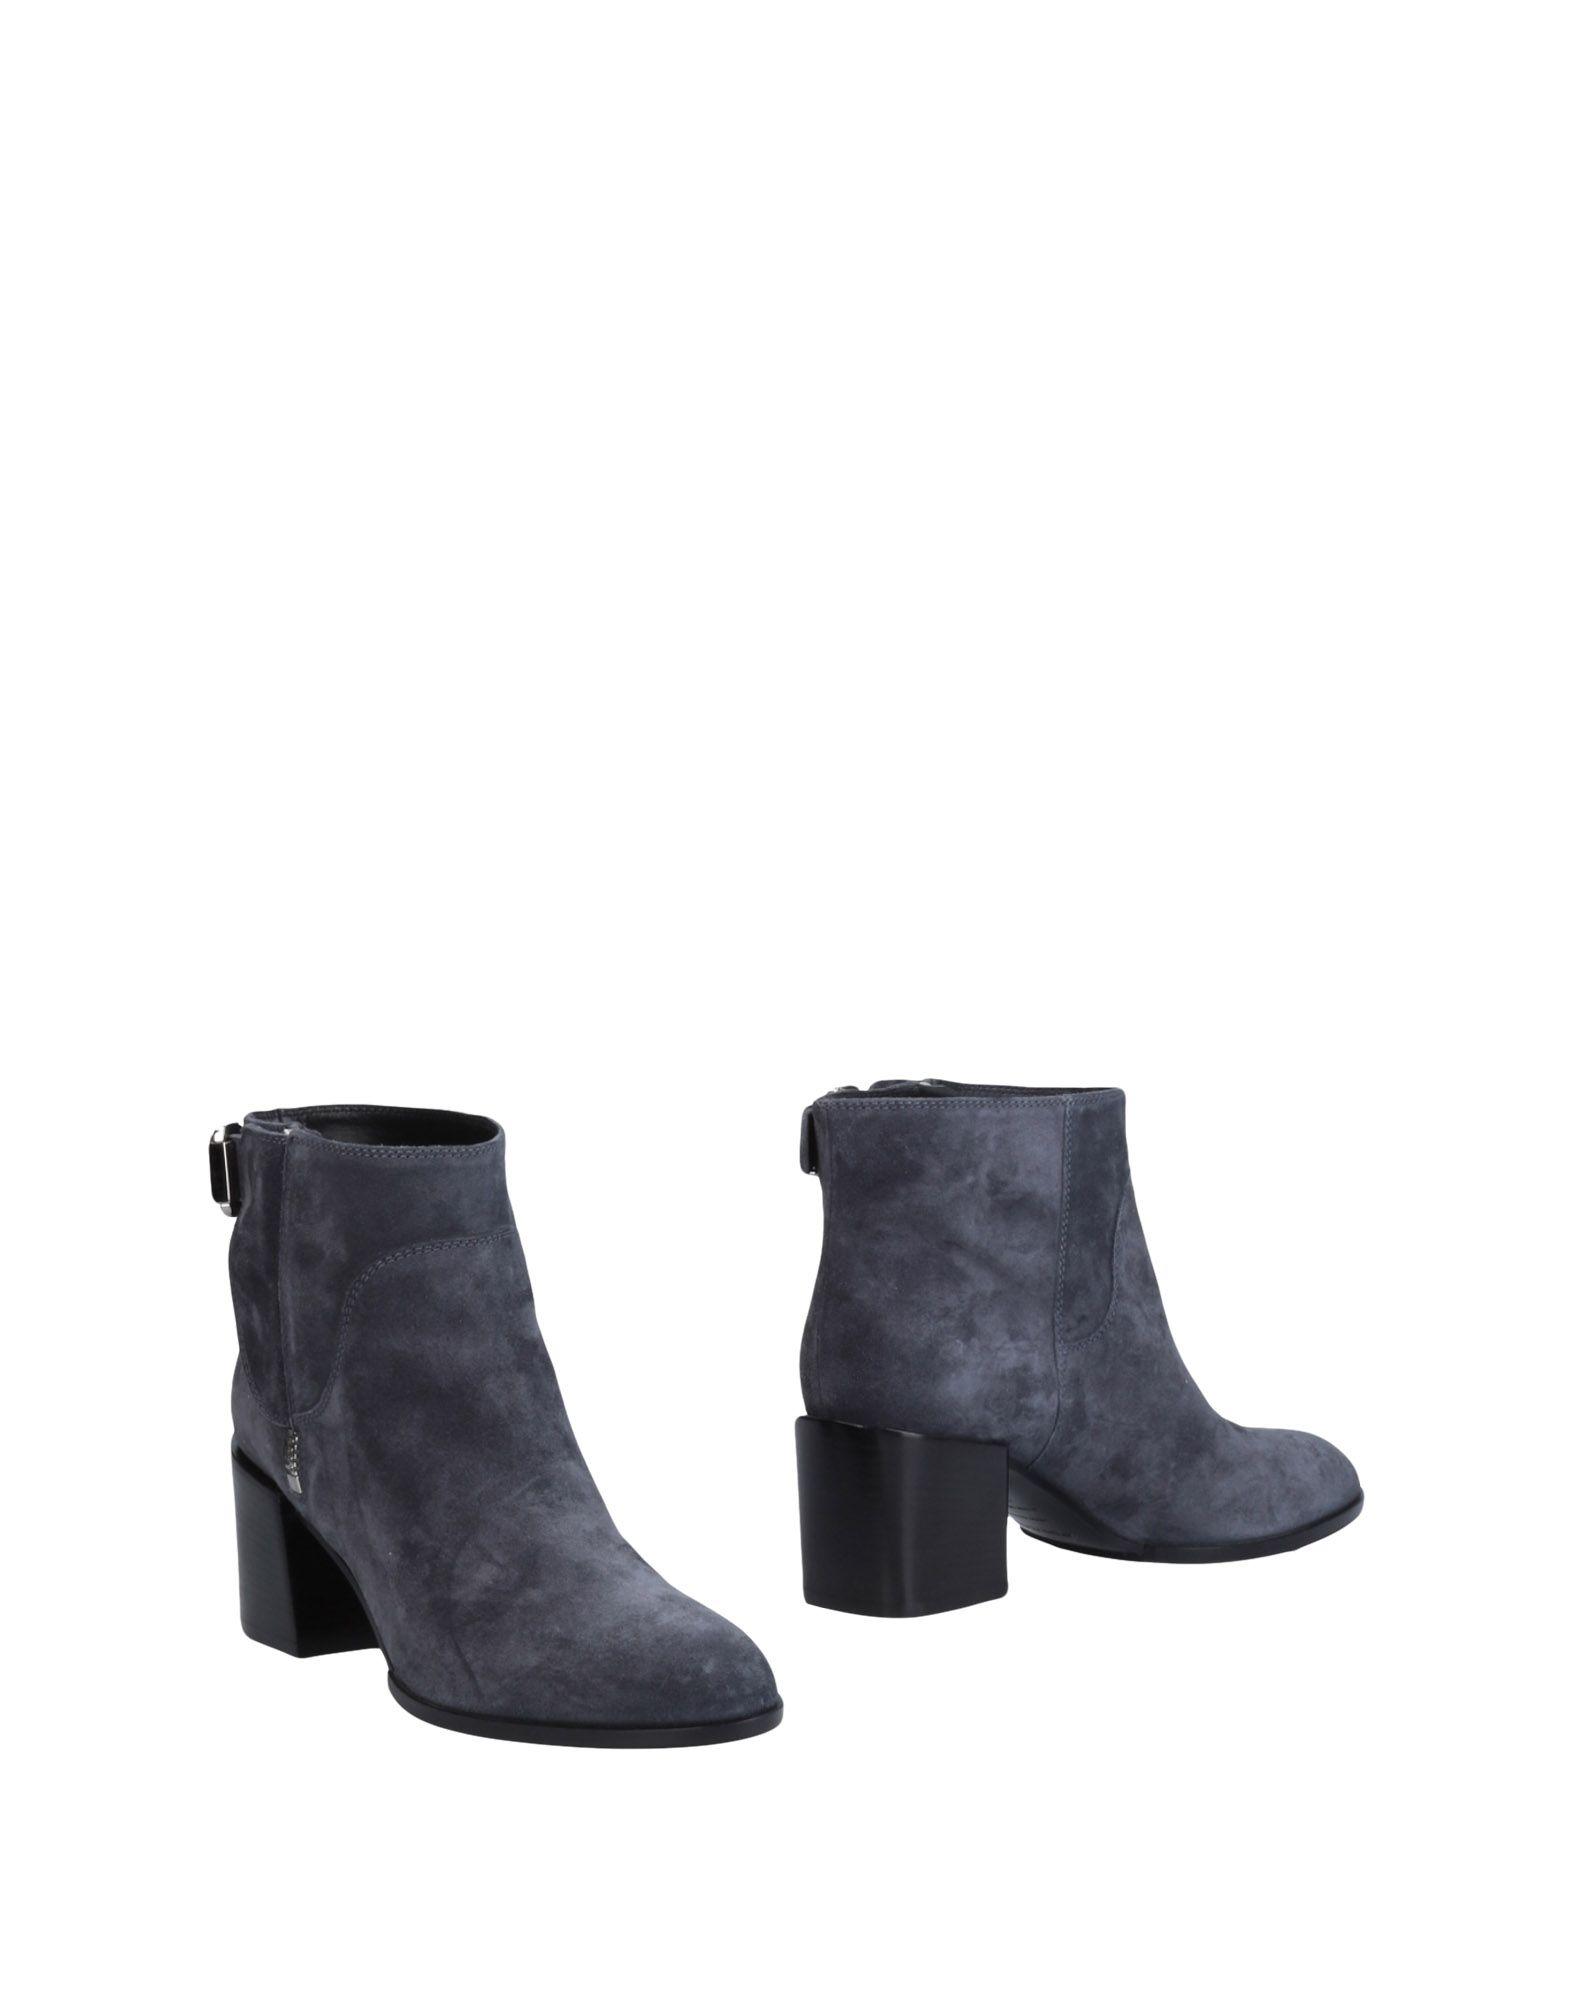 Sergio Rossi Stiefelette Damen  11454346PEGünstige gut aussehende Schuhe